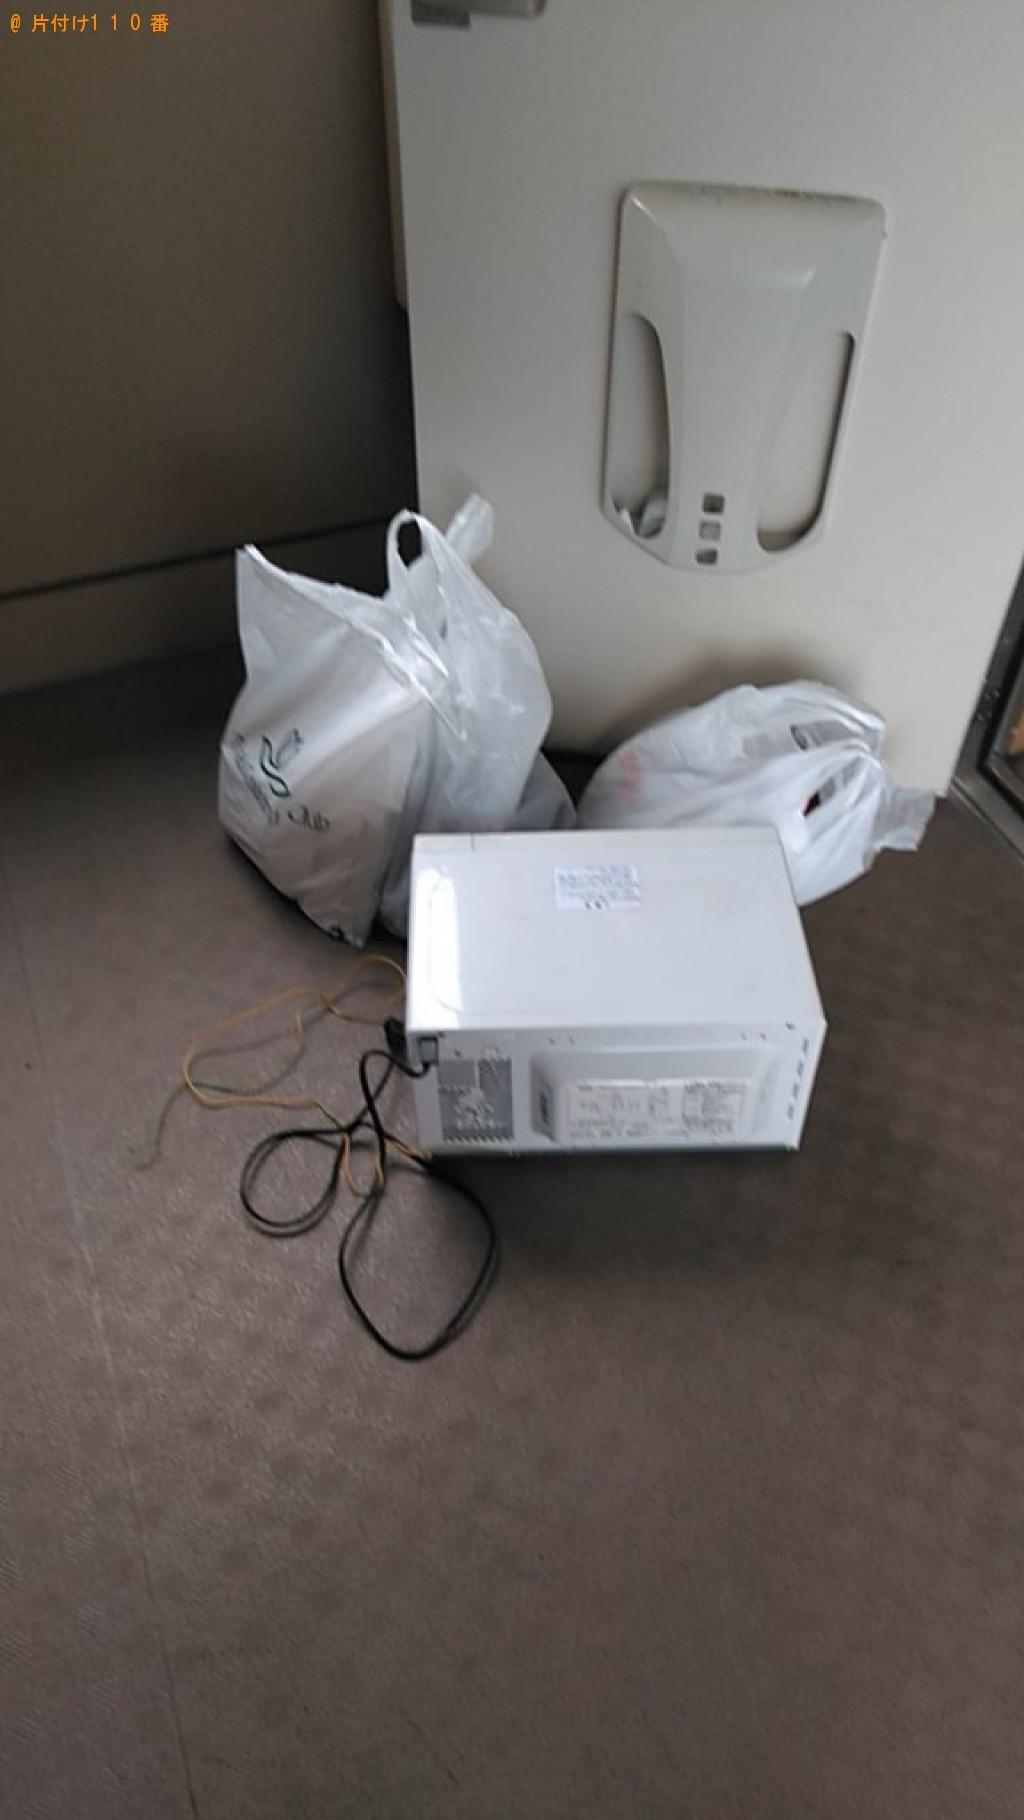 【松山市】電子レンジ等の回収・処分ご依頼 お客様の声